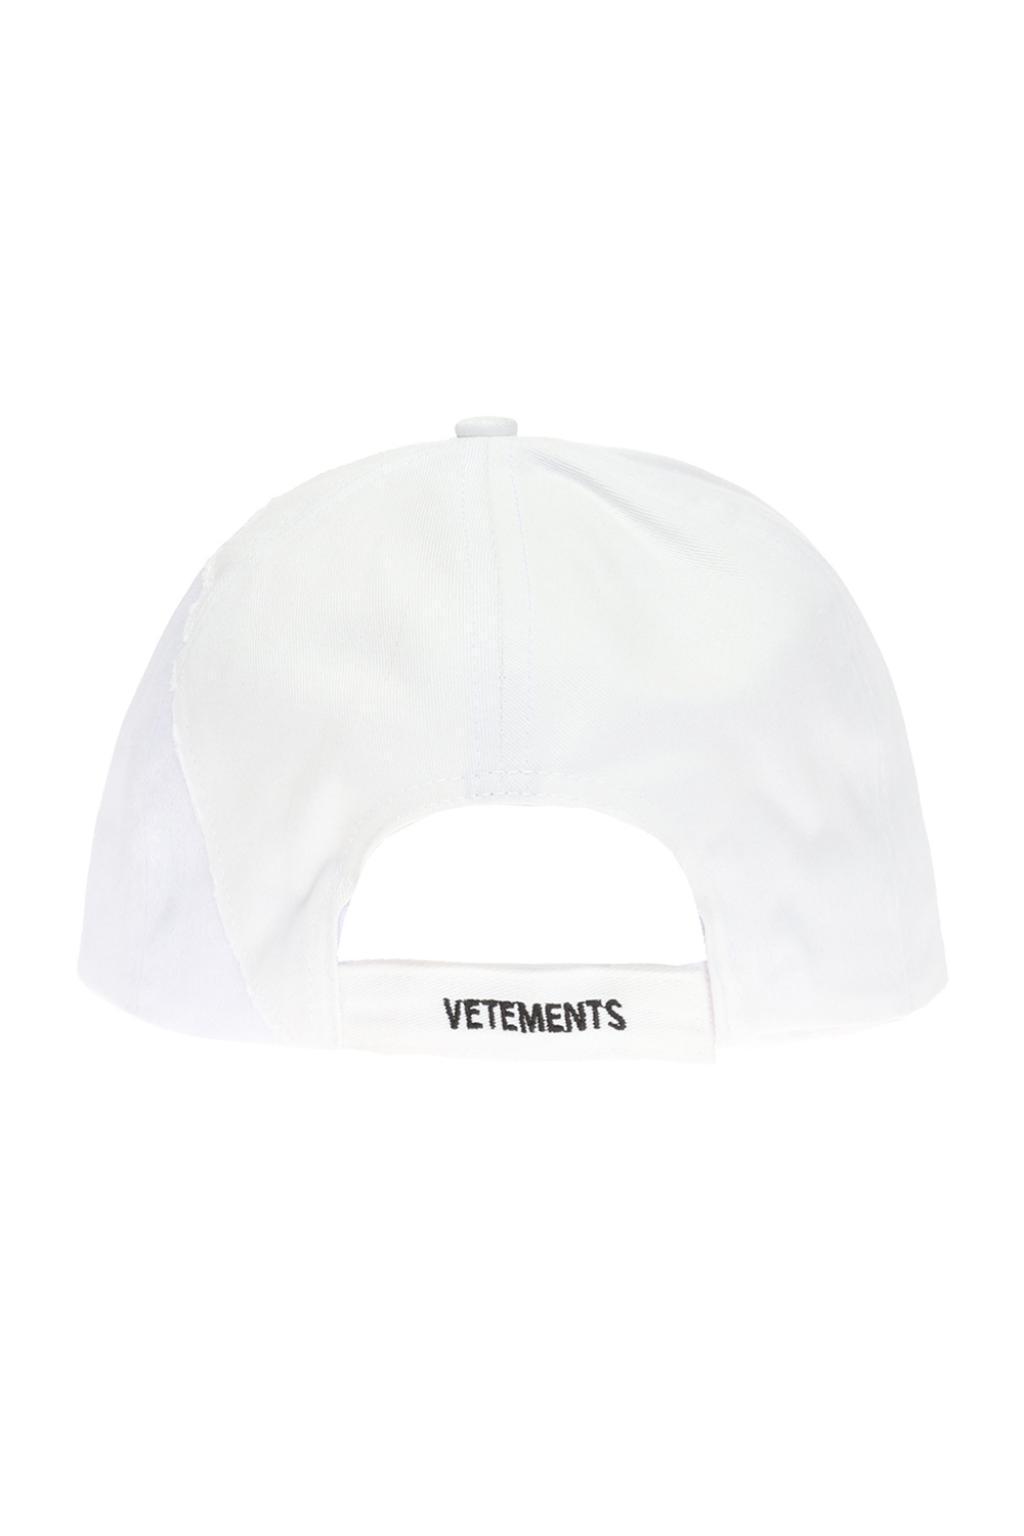 Vetements - White X Umbro for Men - Lyst. View fullscreen 741393b366b4